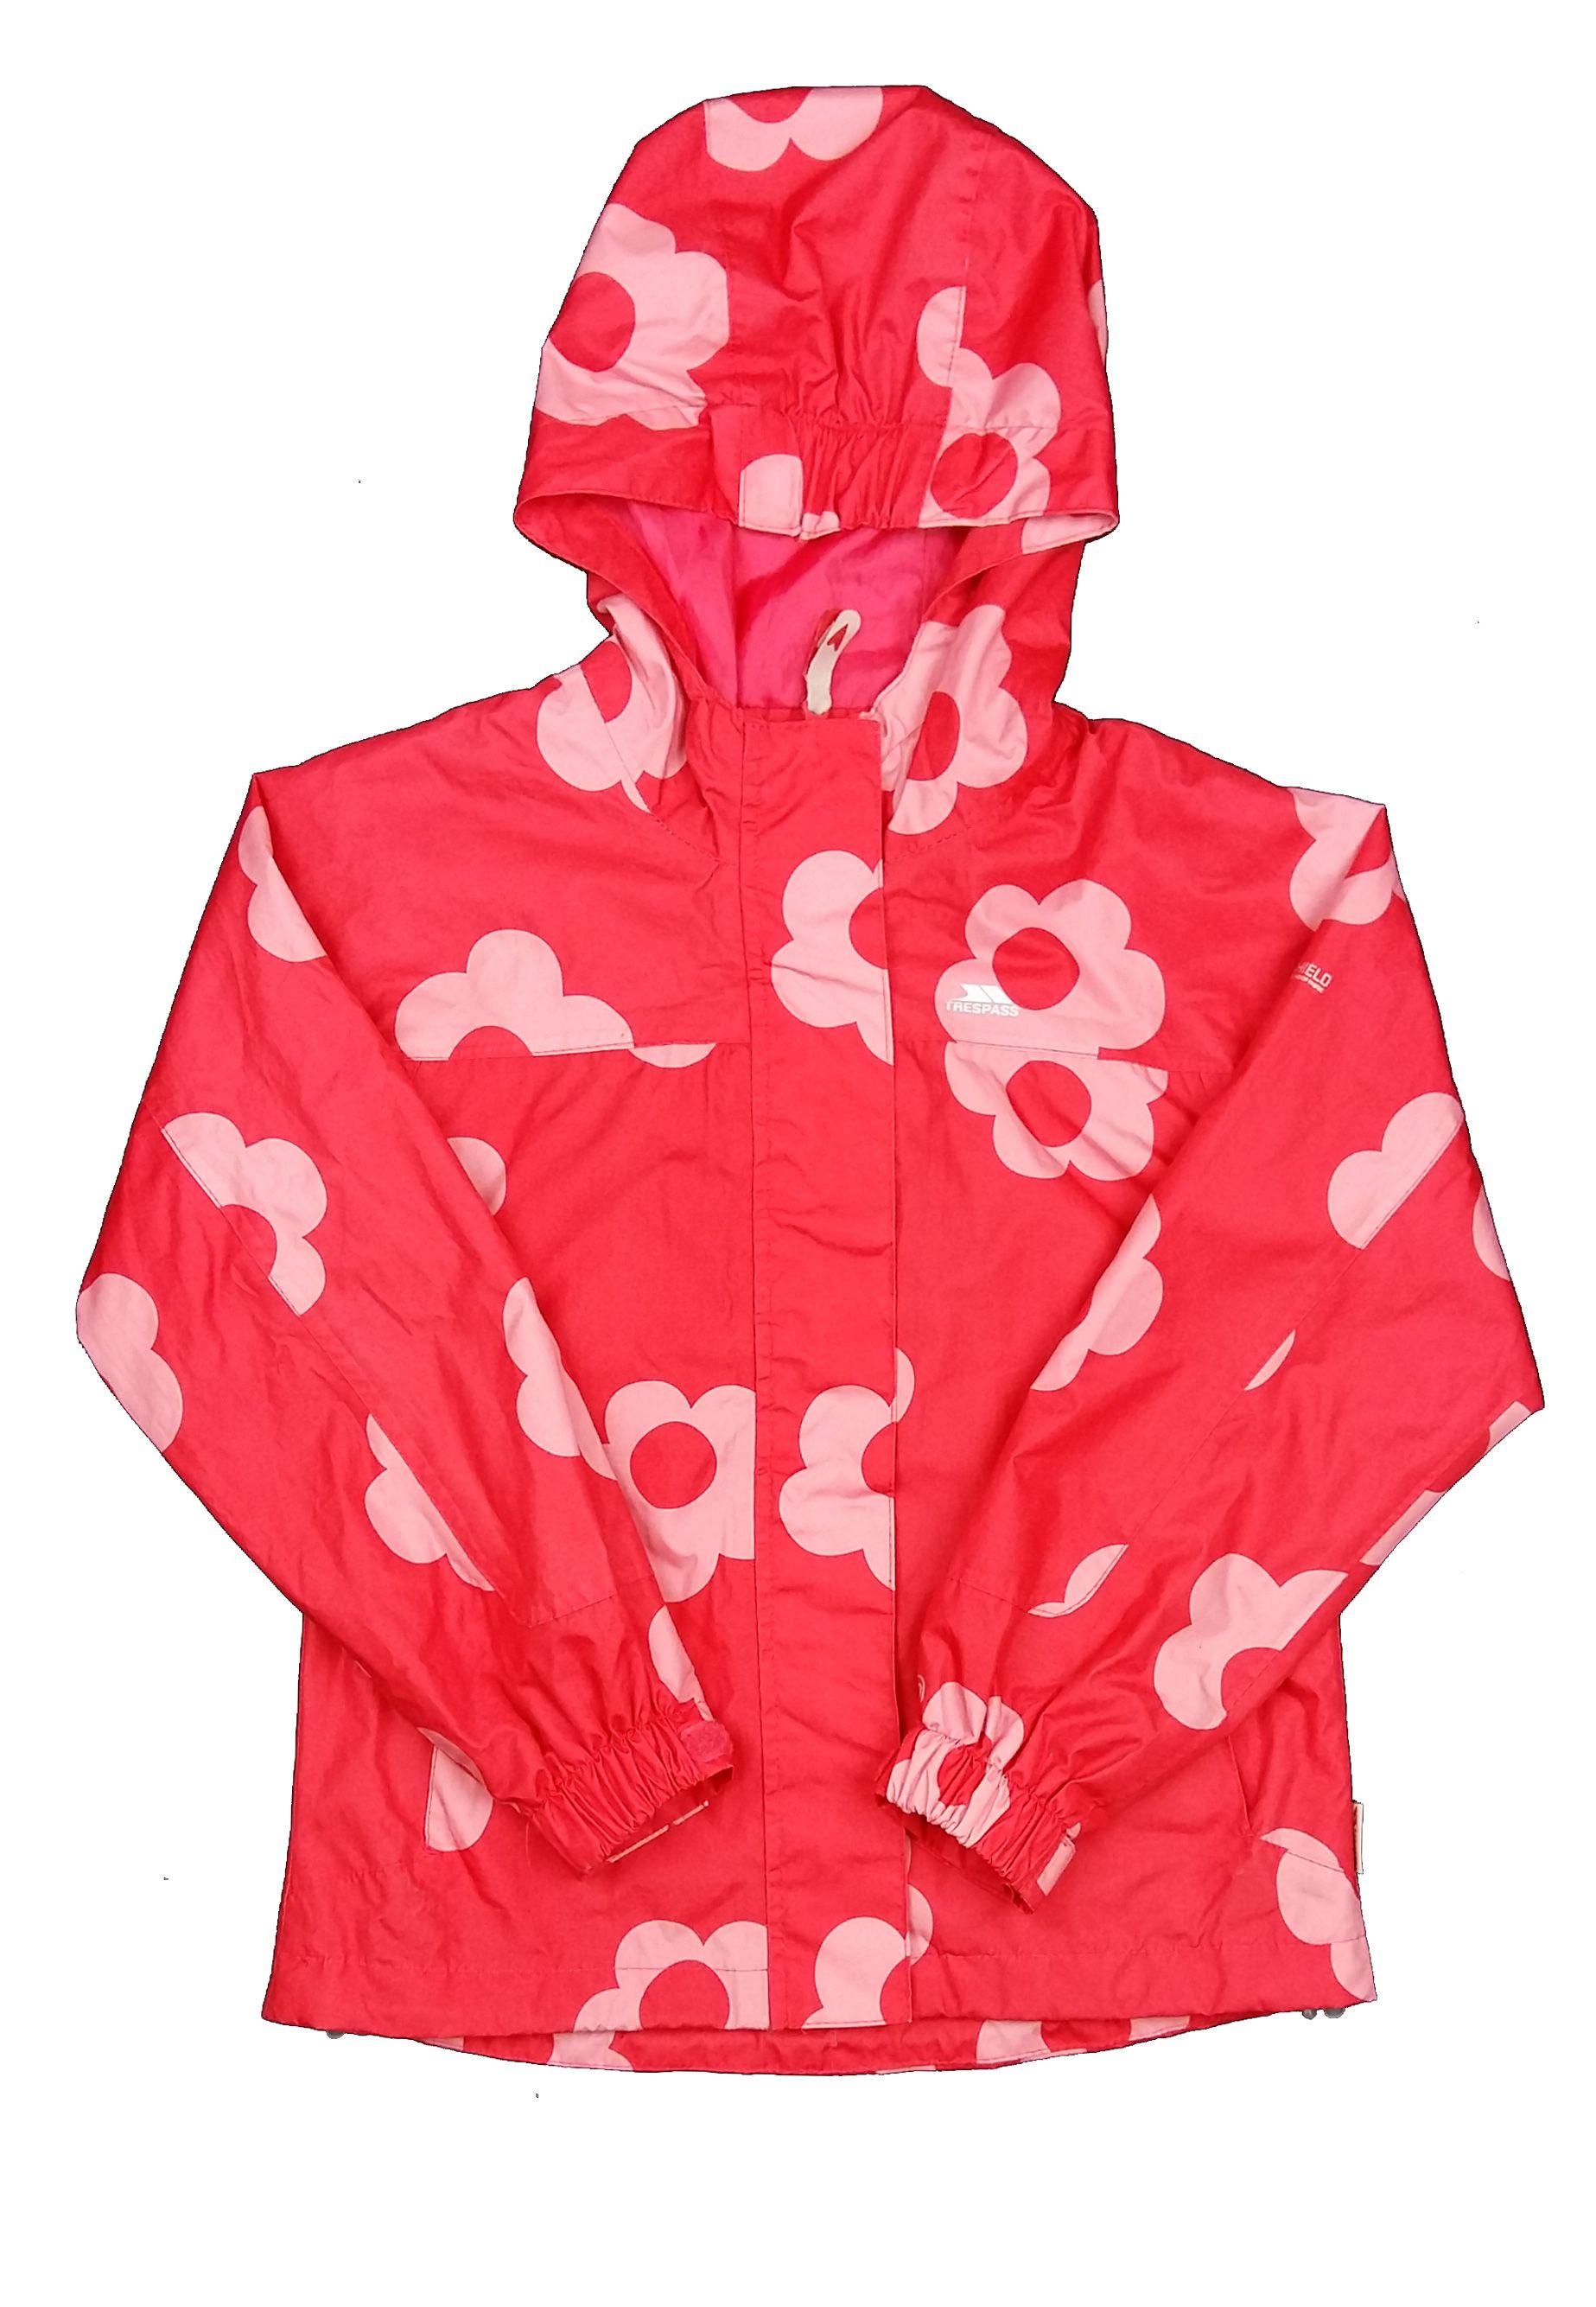 Piros virágos átmeneti kabát (134) - 128-134 (7-9 év) - Minőségi angol  használt és új gyerekruhák 8236df73c3